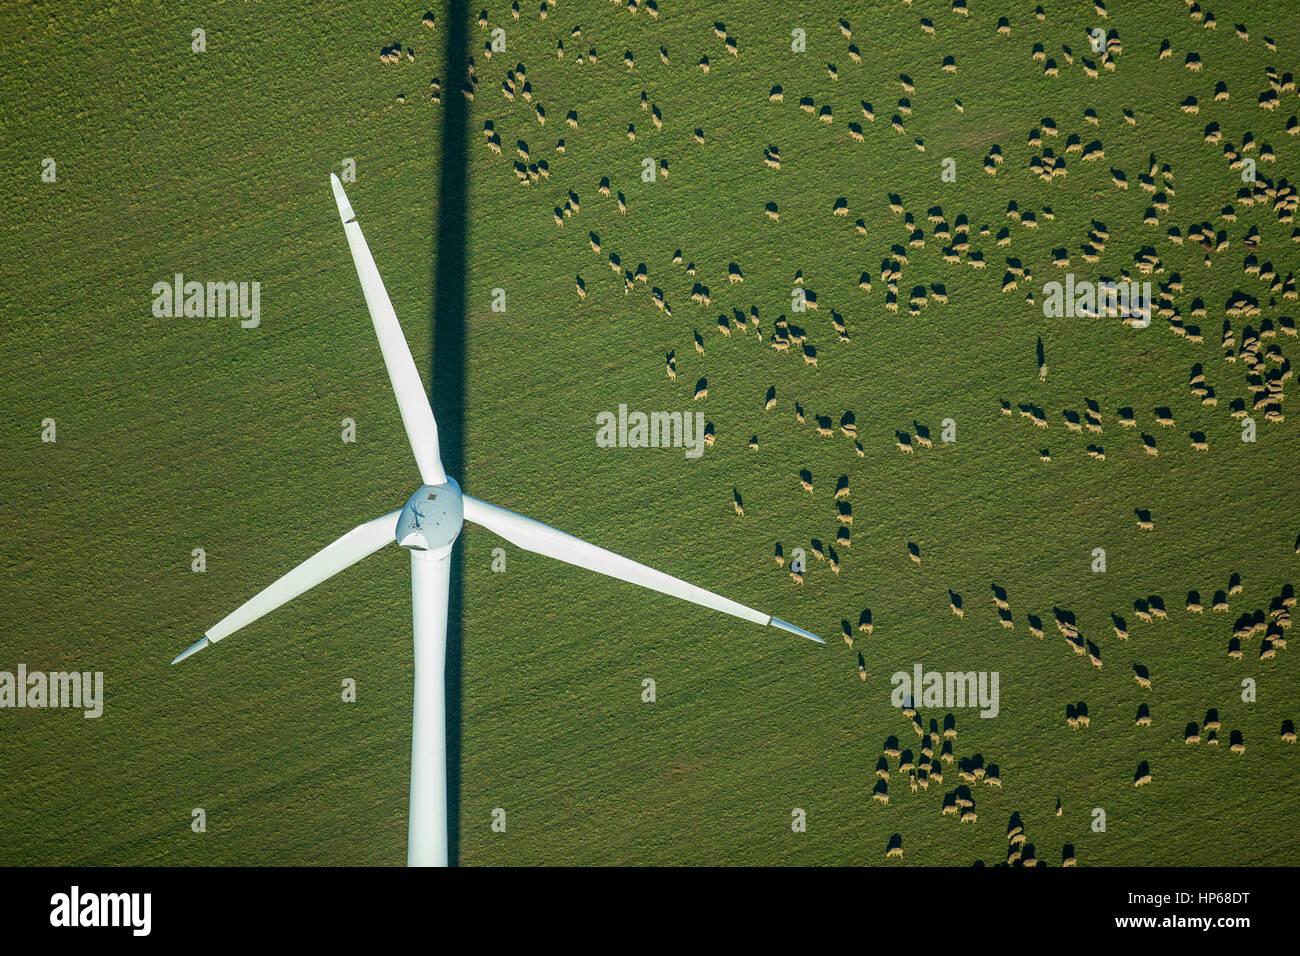 Planta de energía eólica en un campo, un rebaño de ovejas, campos, fuentes alternativas de energía, Imagen De Stock